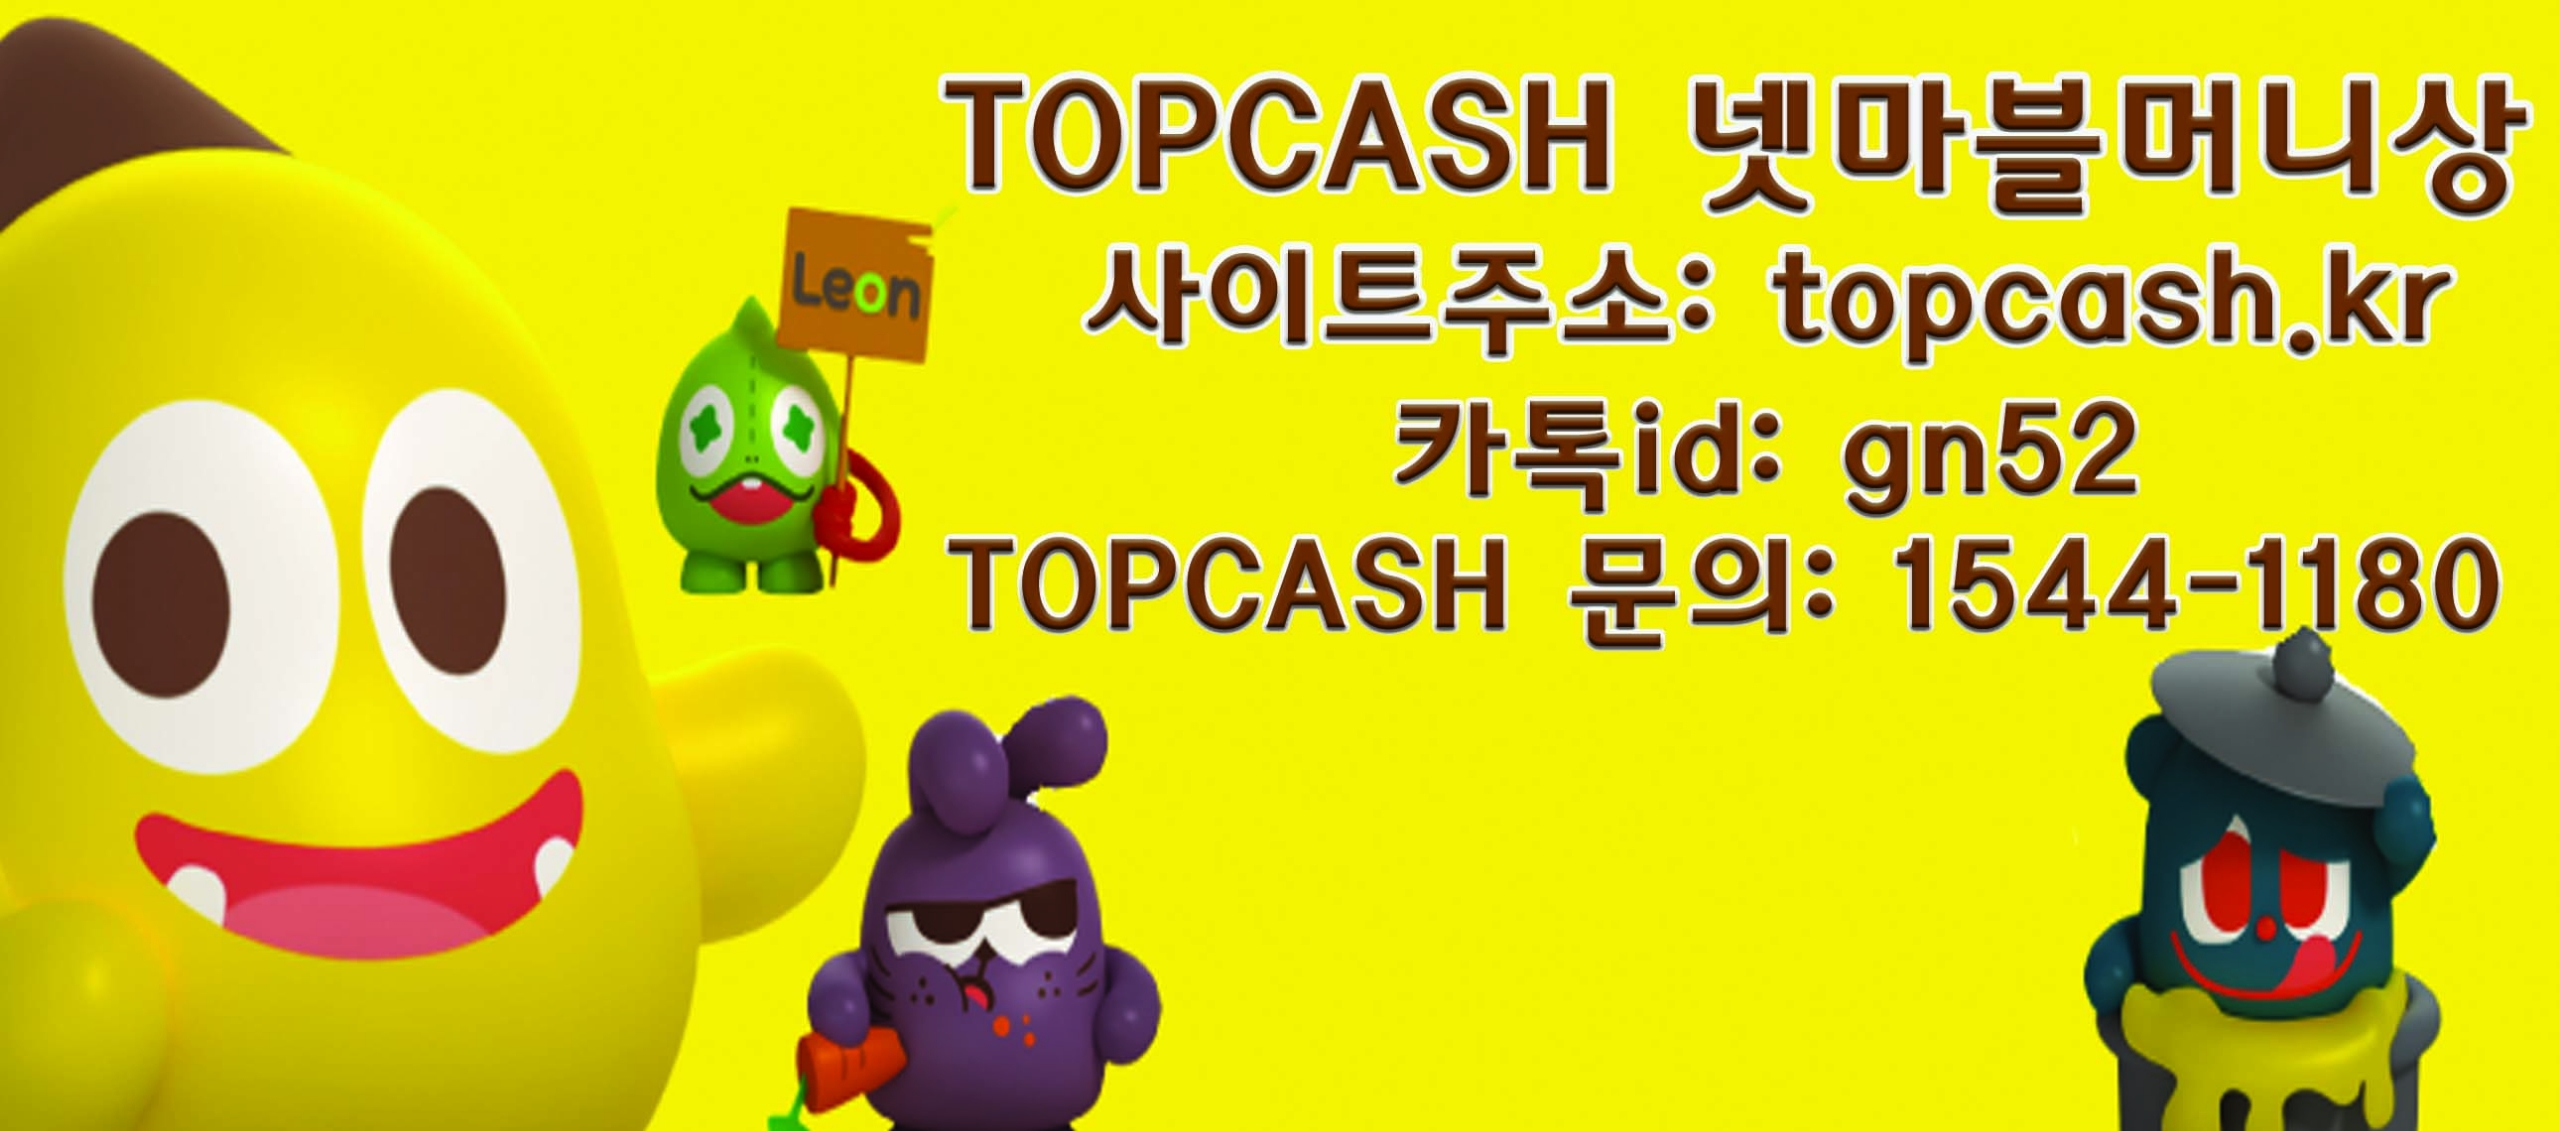 넷마블골드머니상 TOPcash점KR (@sptakqmf20) Cover Image